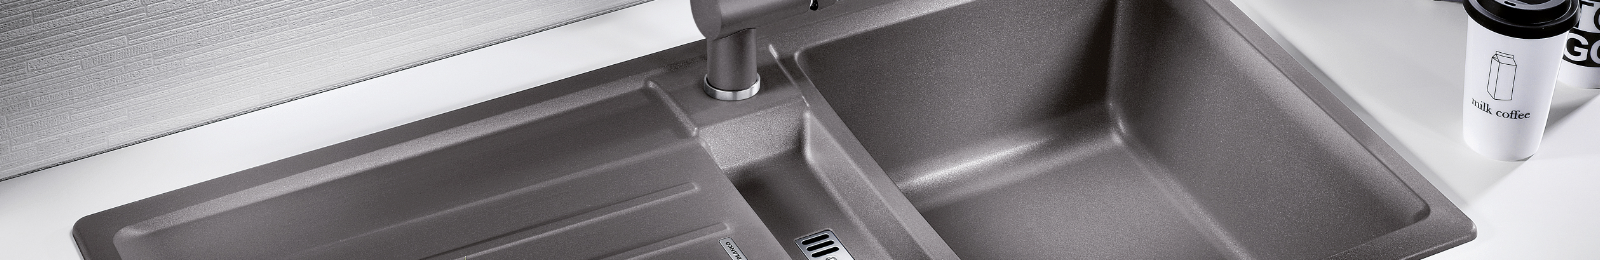 Tous les robinets et distributeurs de savon pour votre évier - Direct Evier